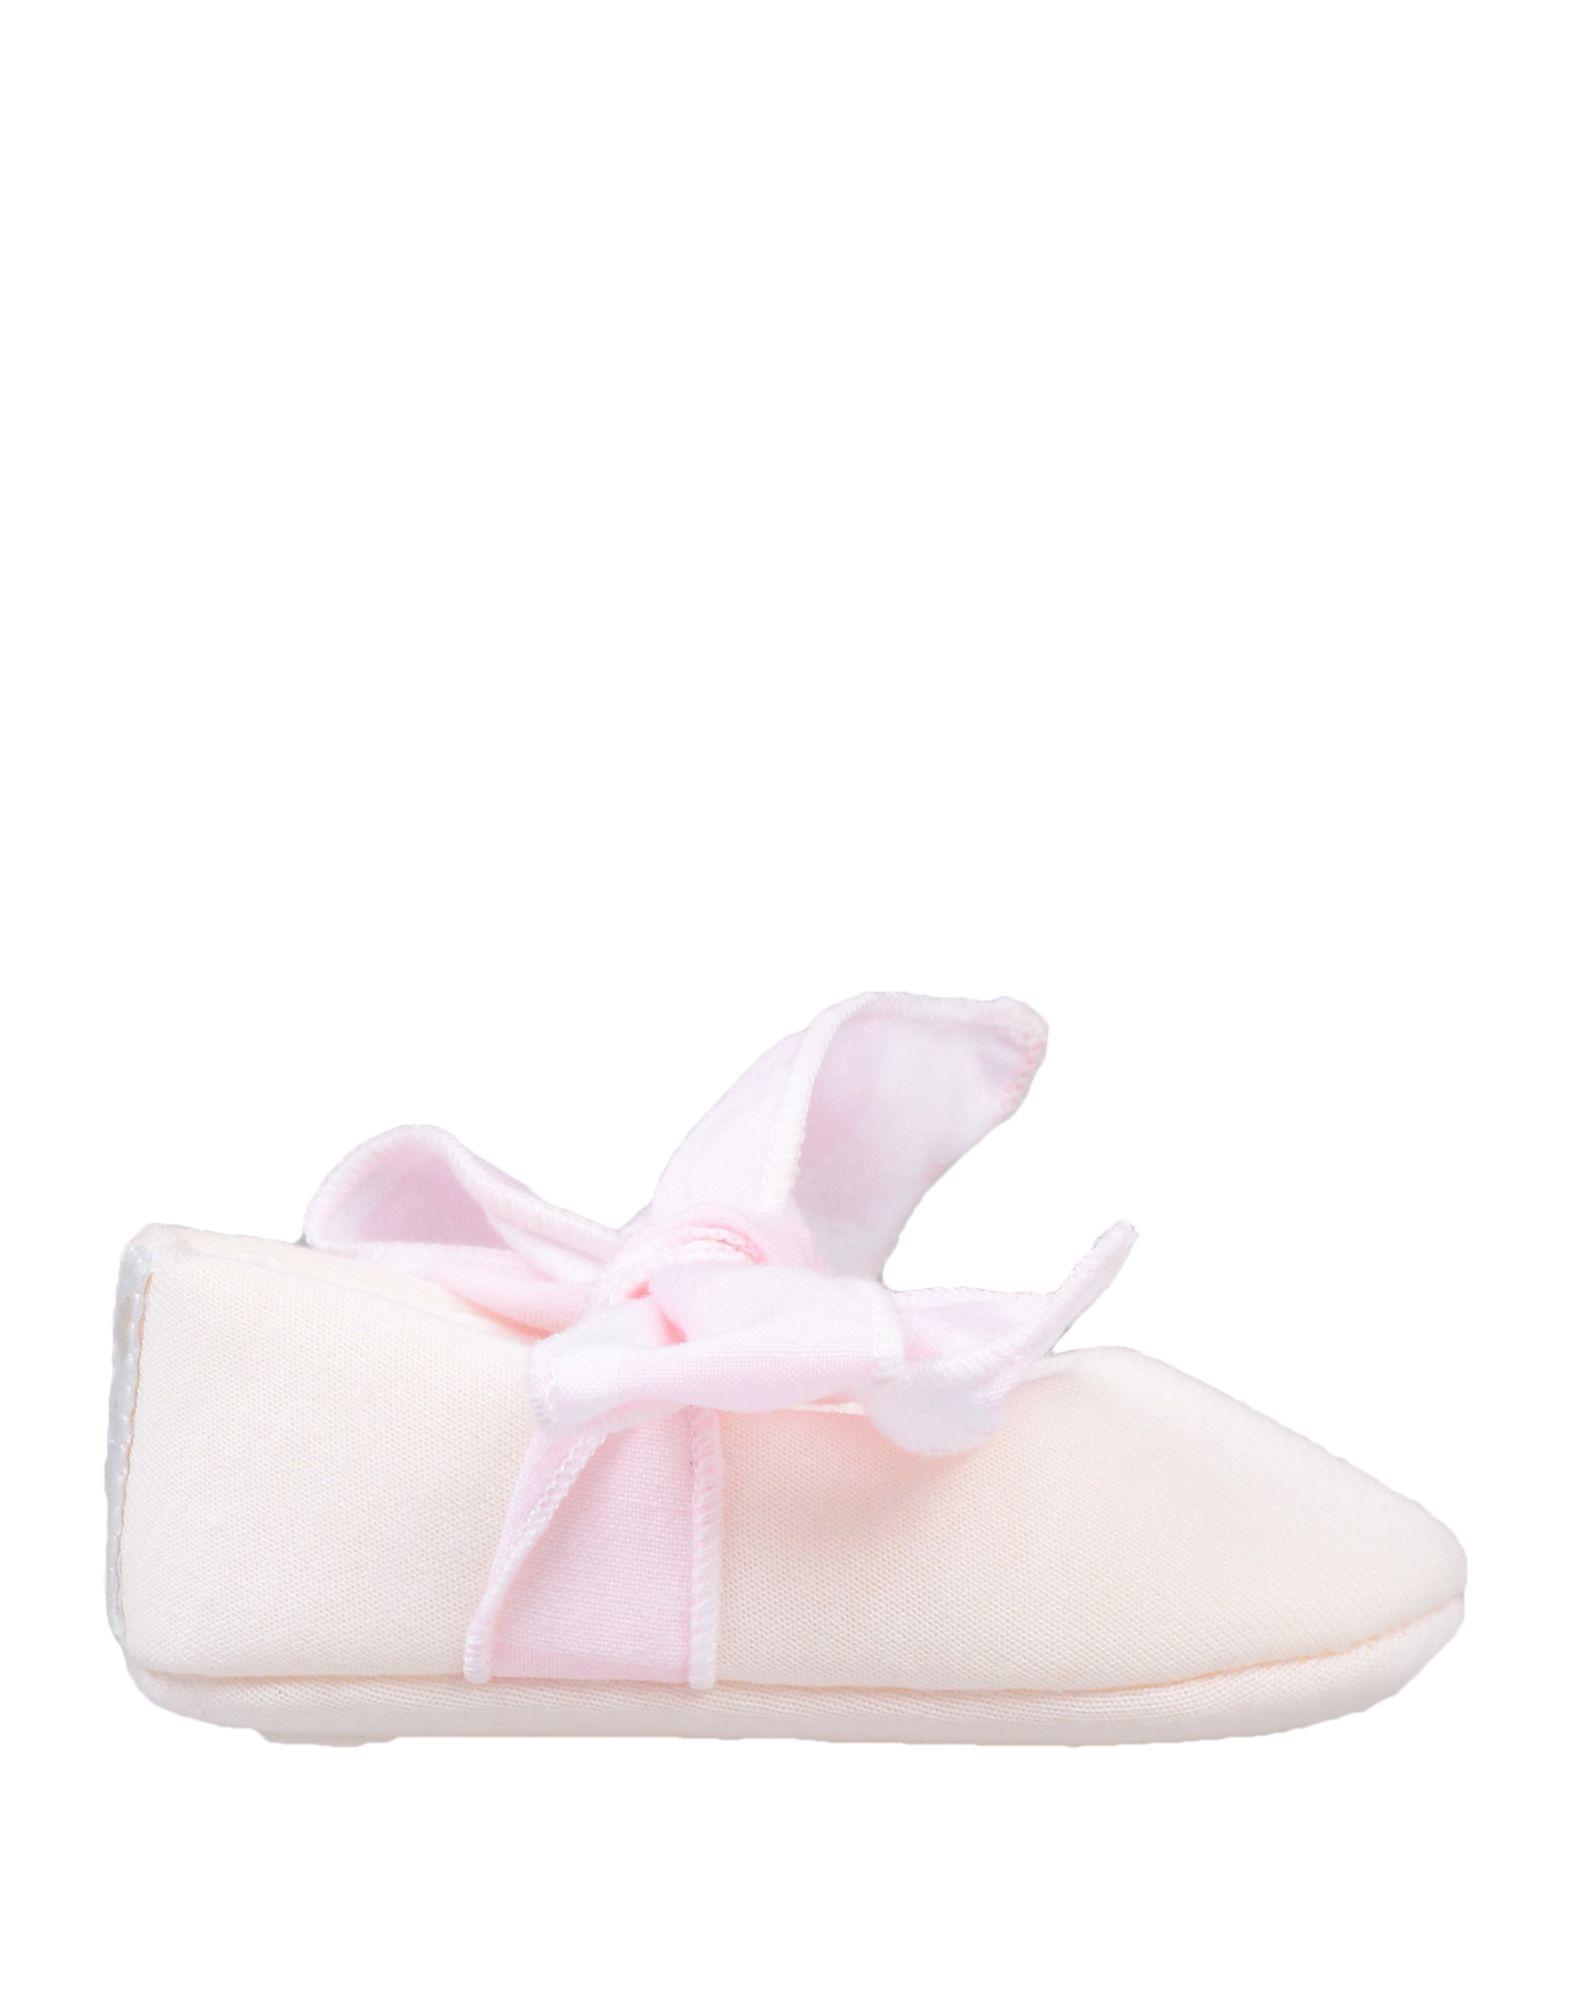 NANÁN Обувь для новорожденных